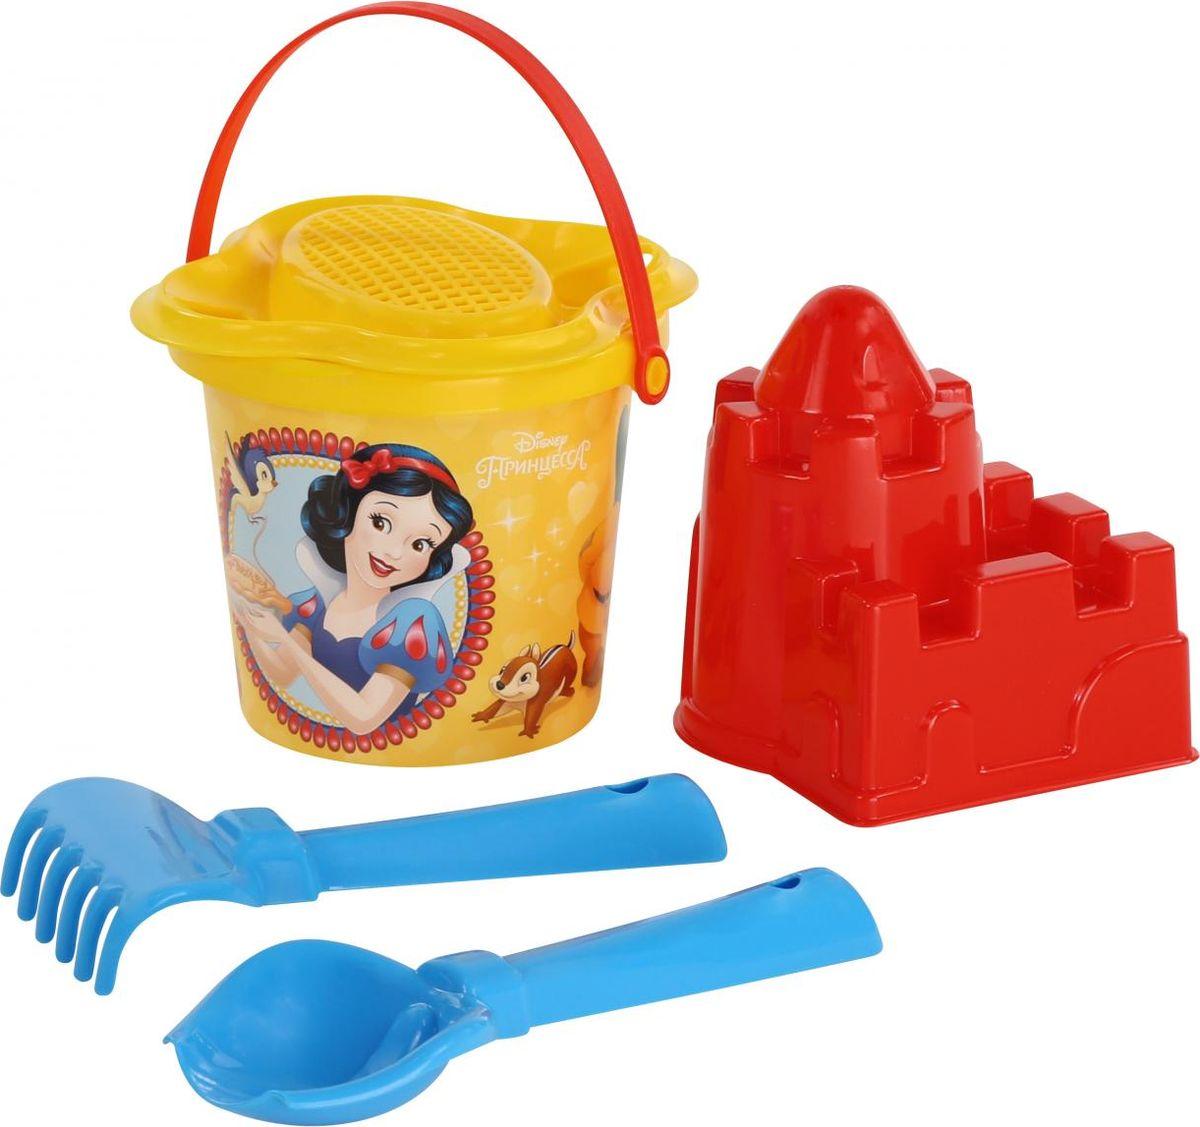 Disney Набор игрушек для песочницы Принцесса №3 5 предметов disney набор игрушек для песочницы принцесса 13 5 предметов